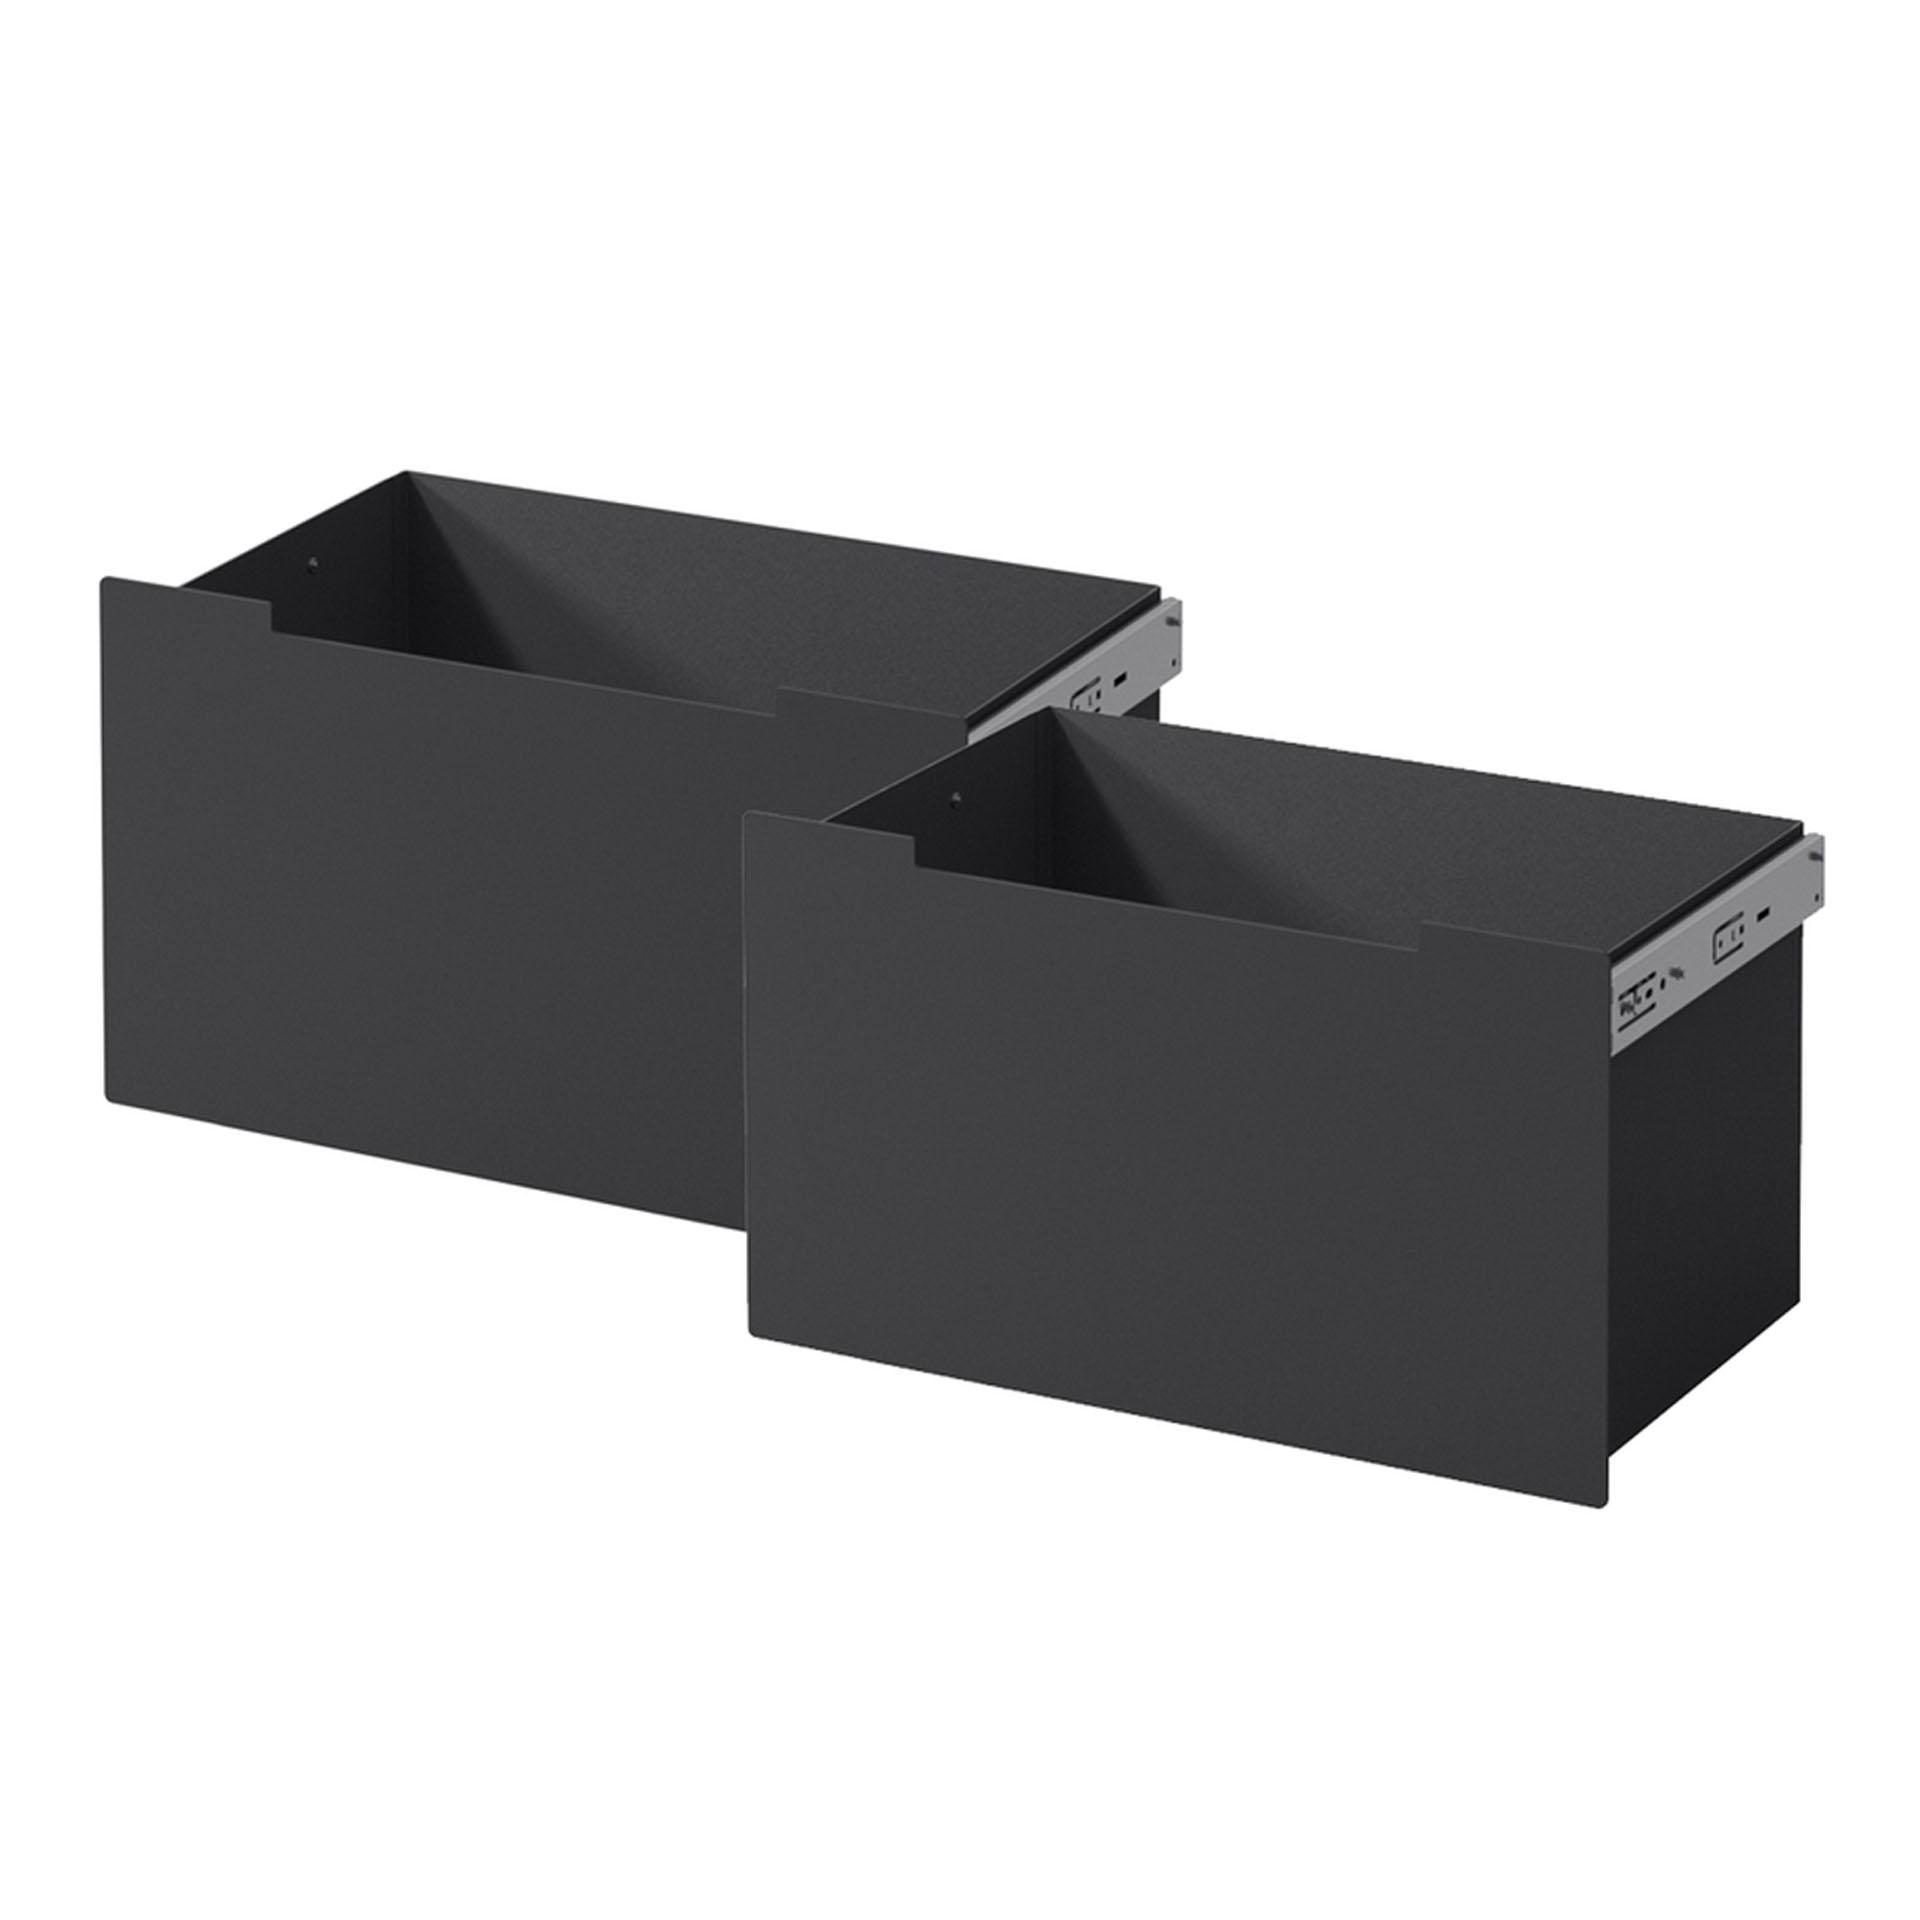 Schubladen Stahl schwarz - Front schwarz für Nordpeis Me Bank